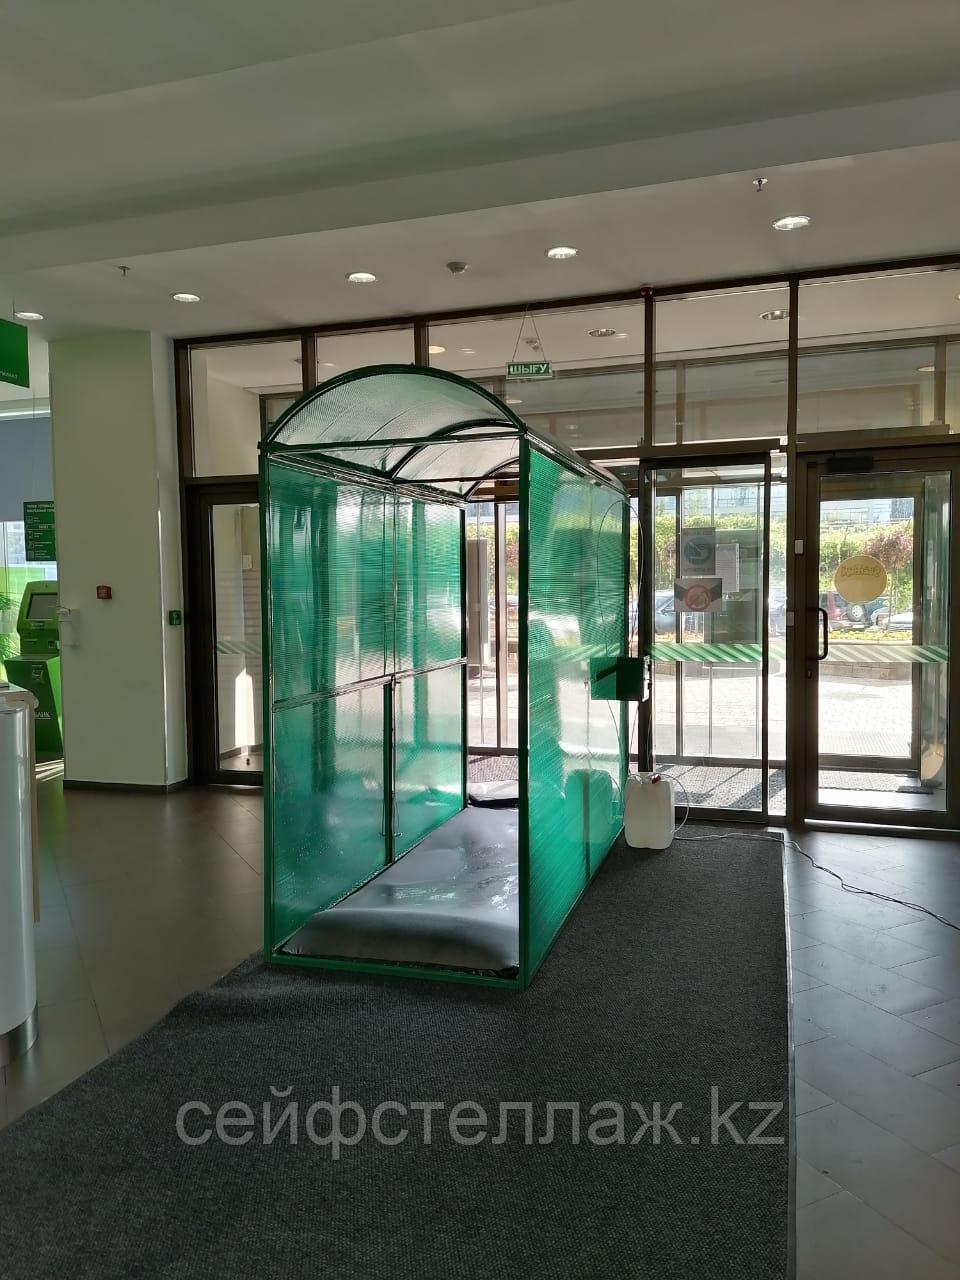 ☰ Дезинфицирующий (дезинфекционный) тоннель, купить в Алматы для дезинфекции человека